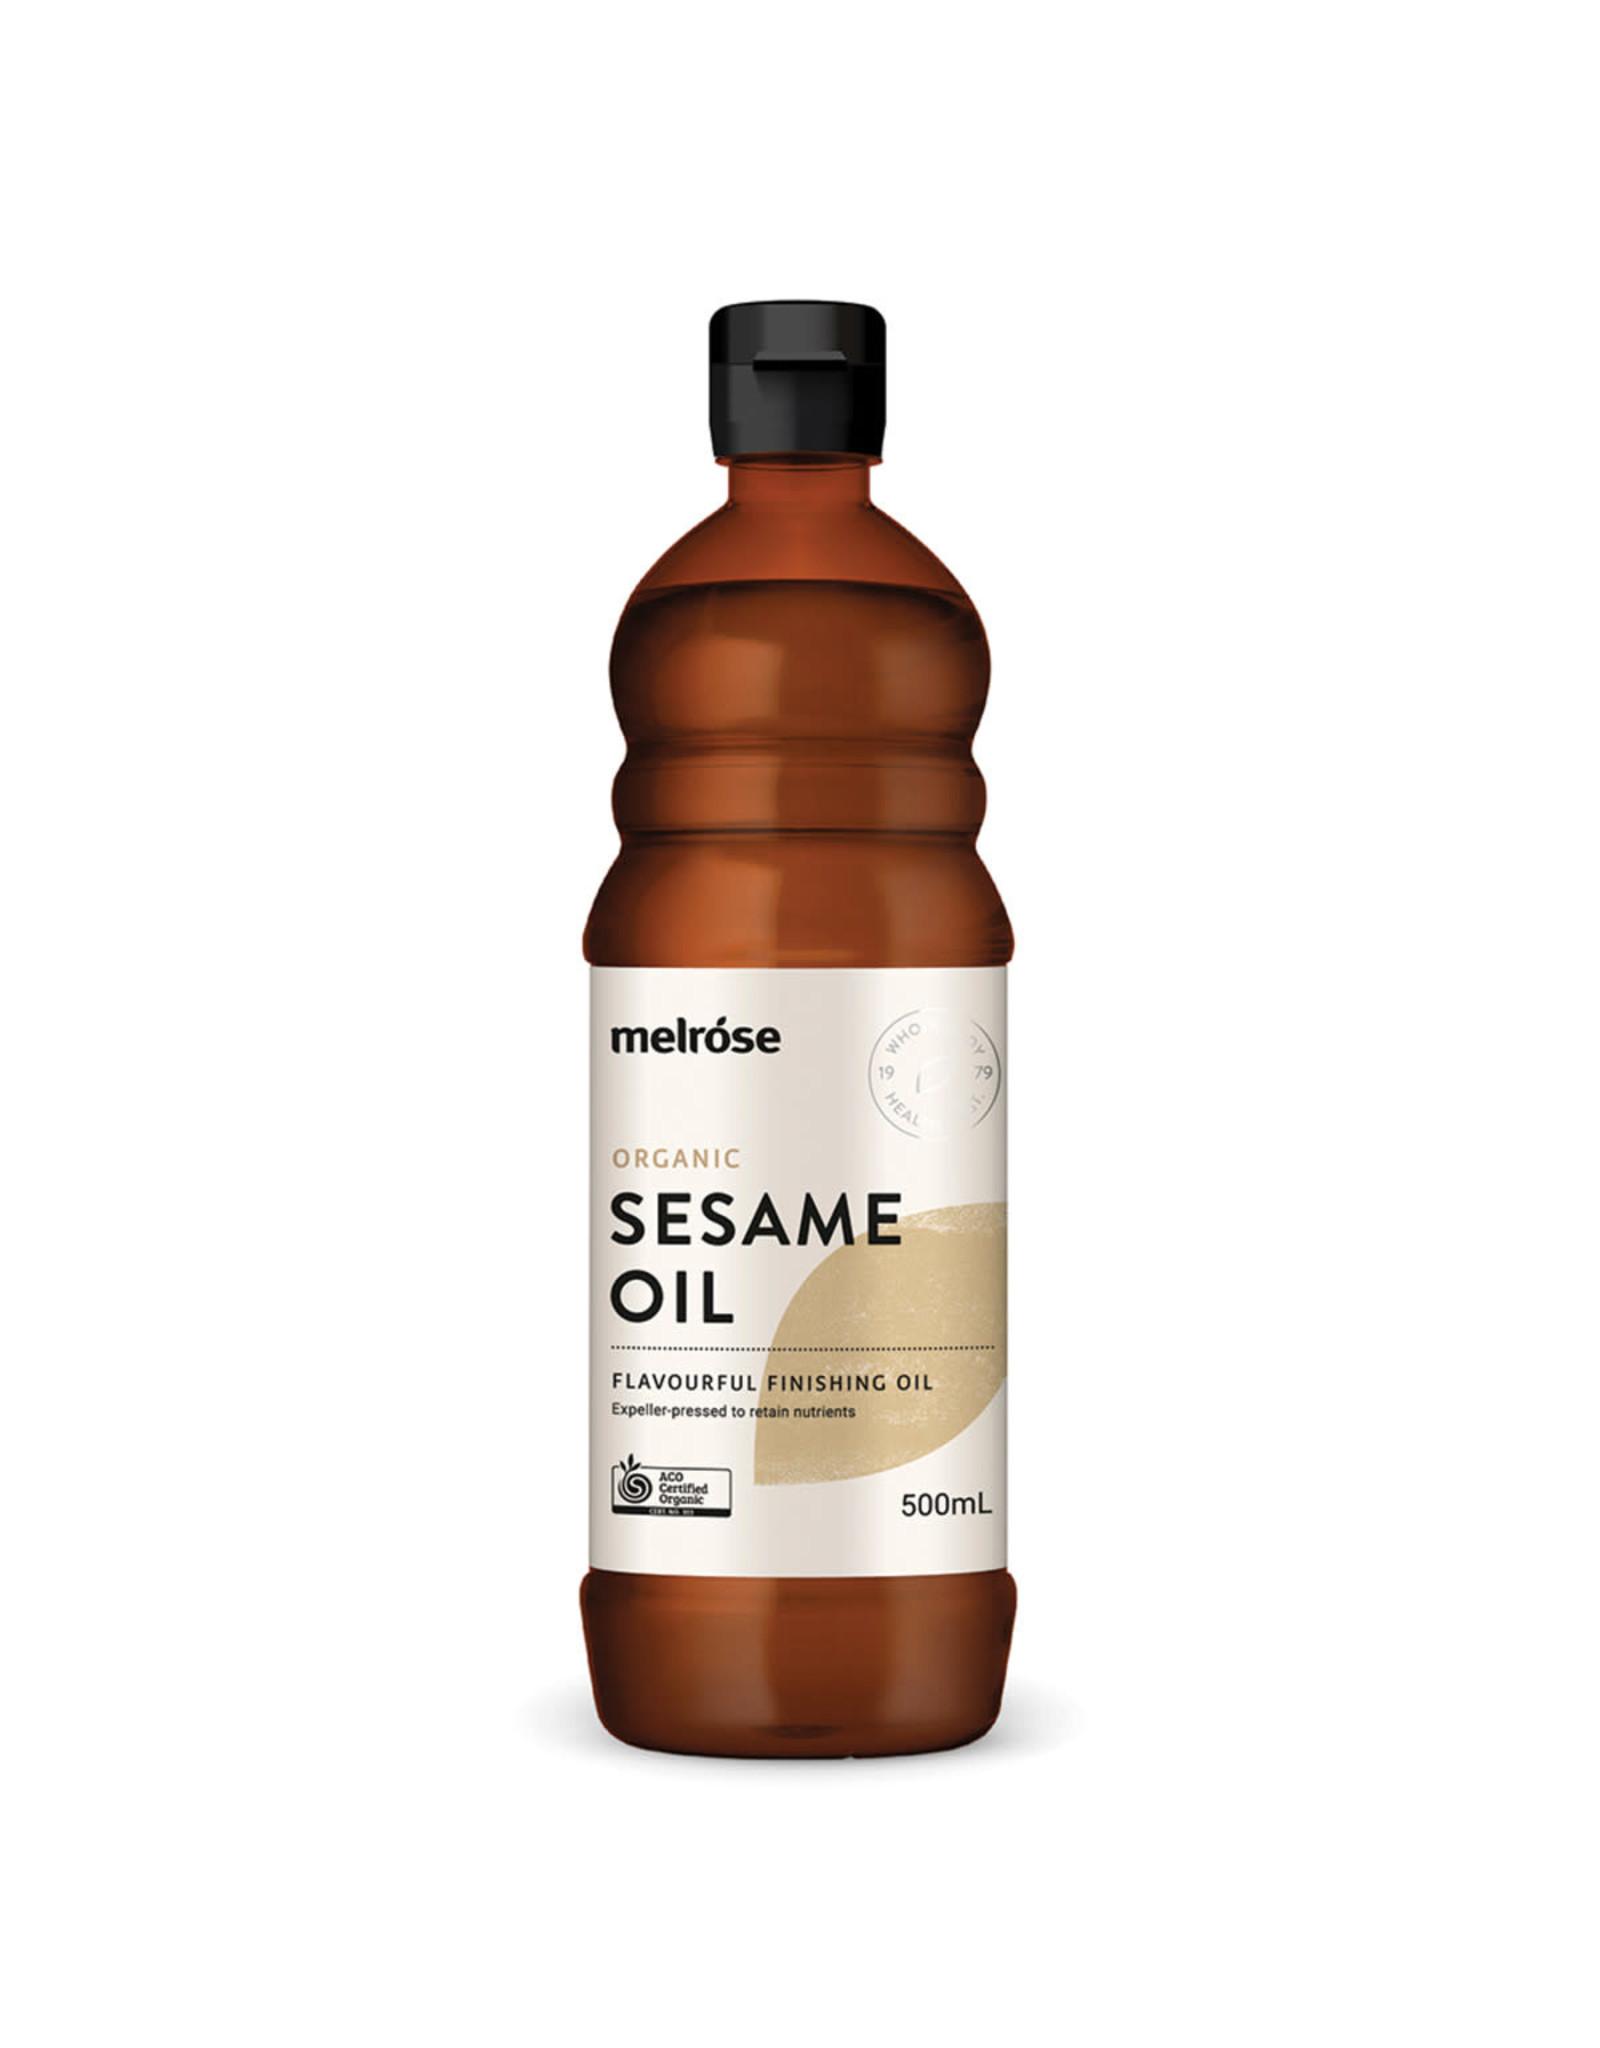 Melrose Sesame Oil 500ML